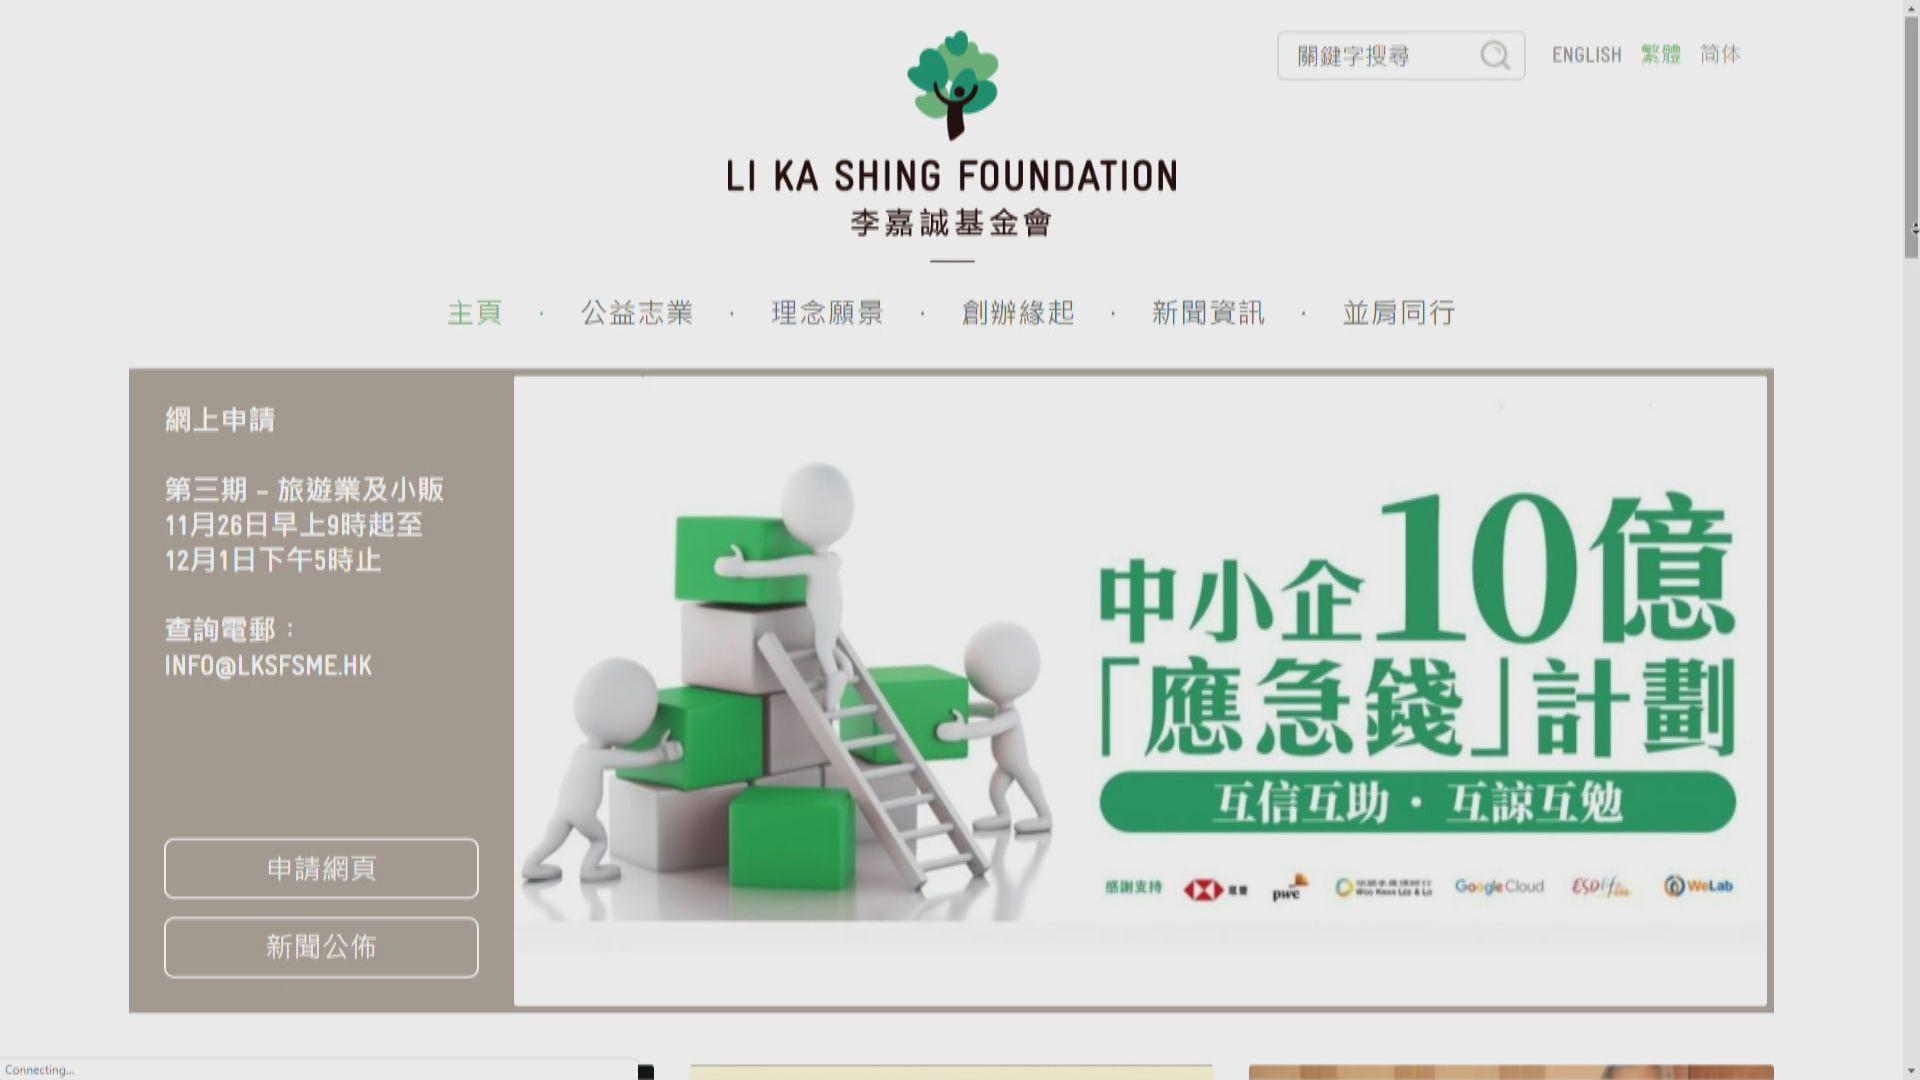 李嘉誠基金會第三期應急錢1億元資助旅遊業及小販